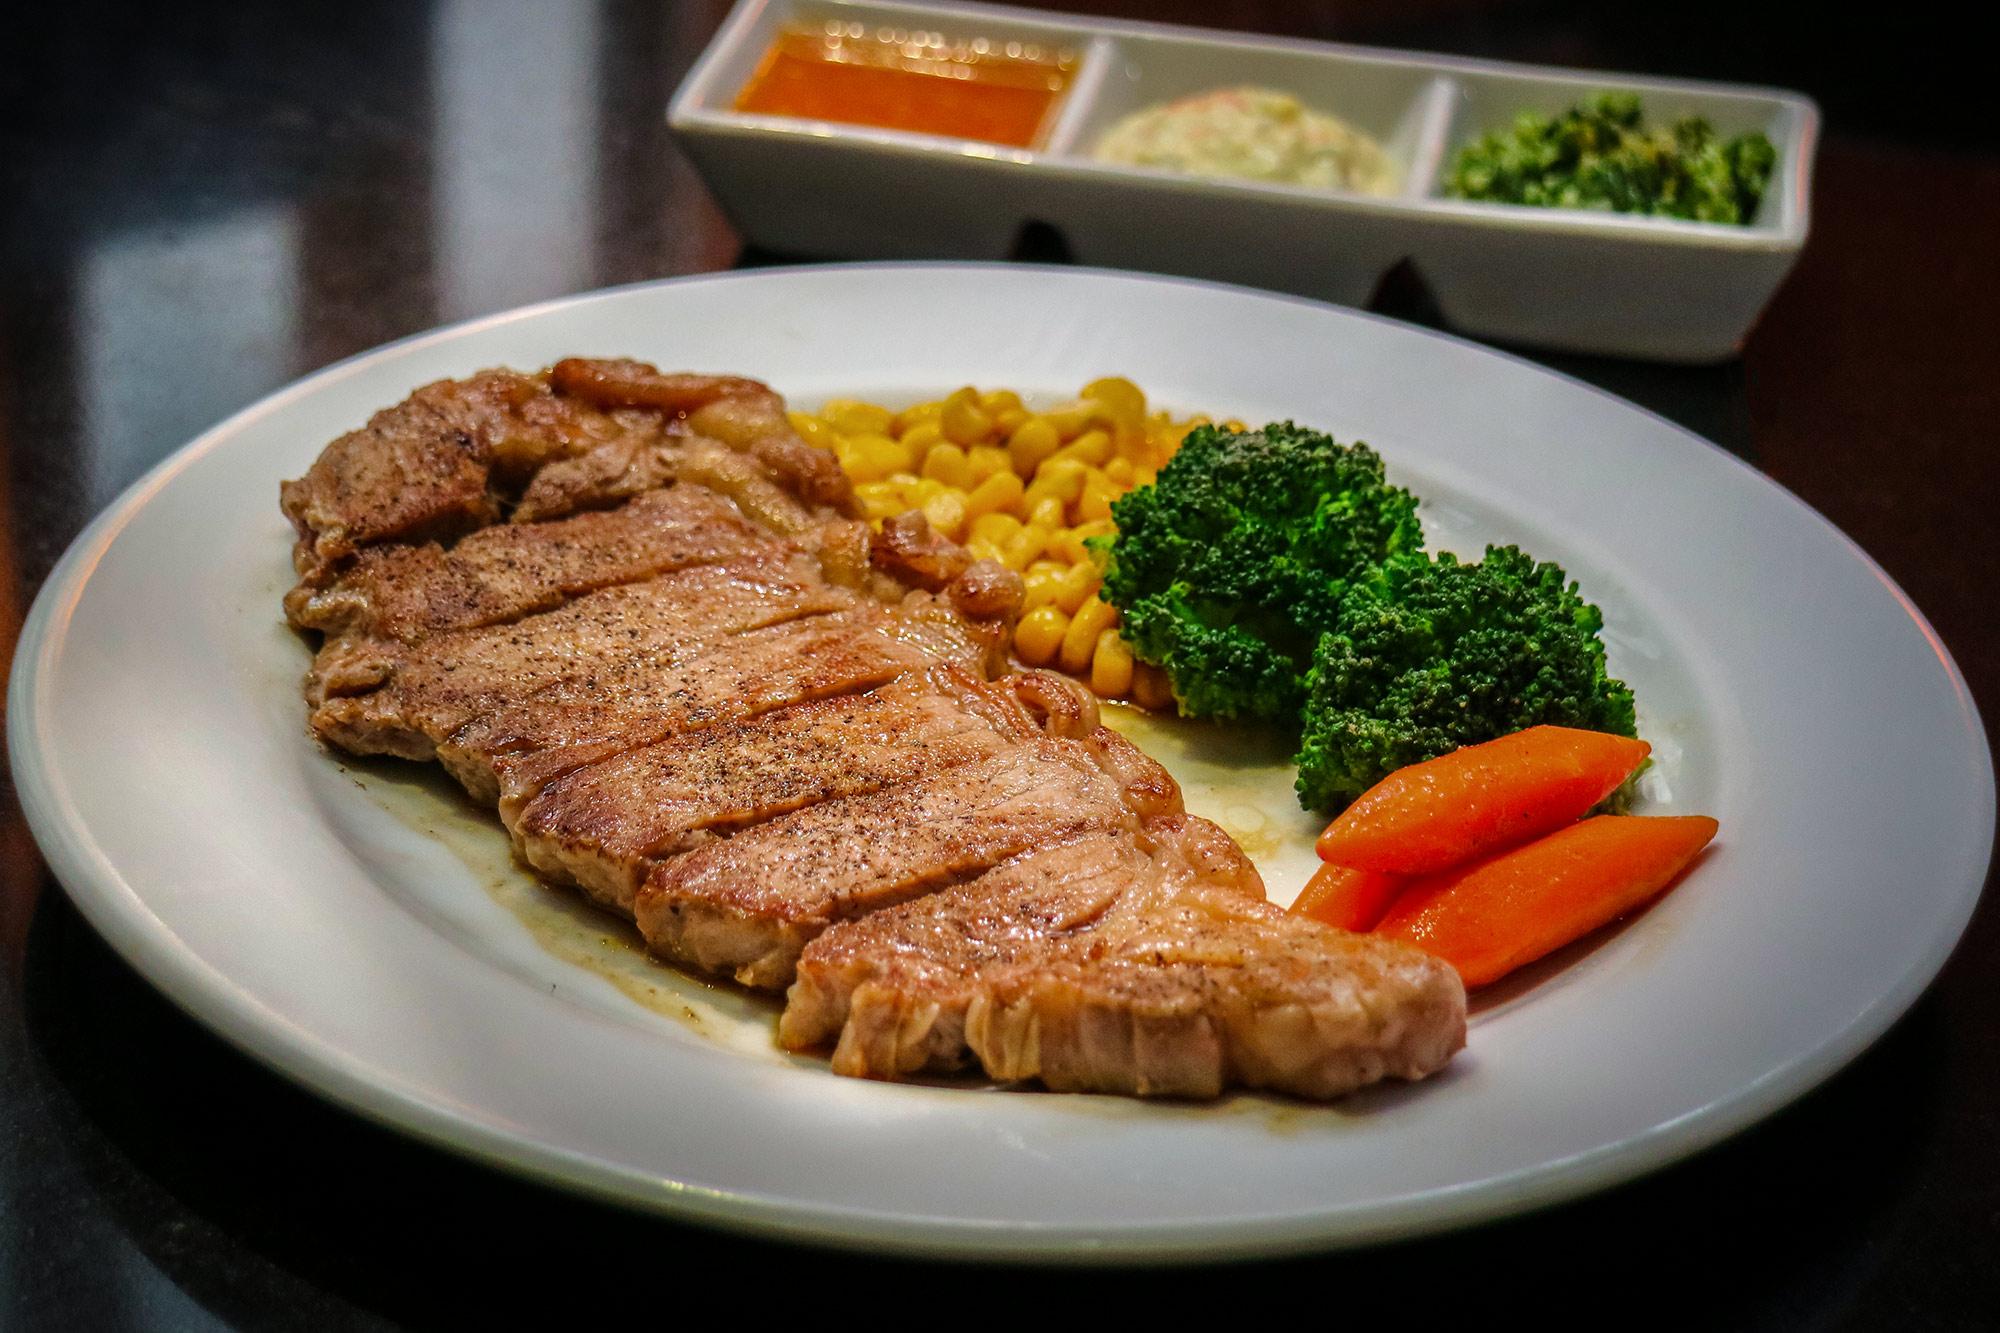 สเต็กเนื้อออสเตรเลีย  Kin Japanese Restaurant & Ramen ท่าอากาศยานสุวรรณภูมิ IMG 1410